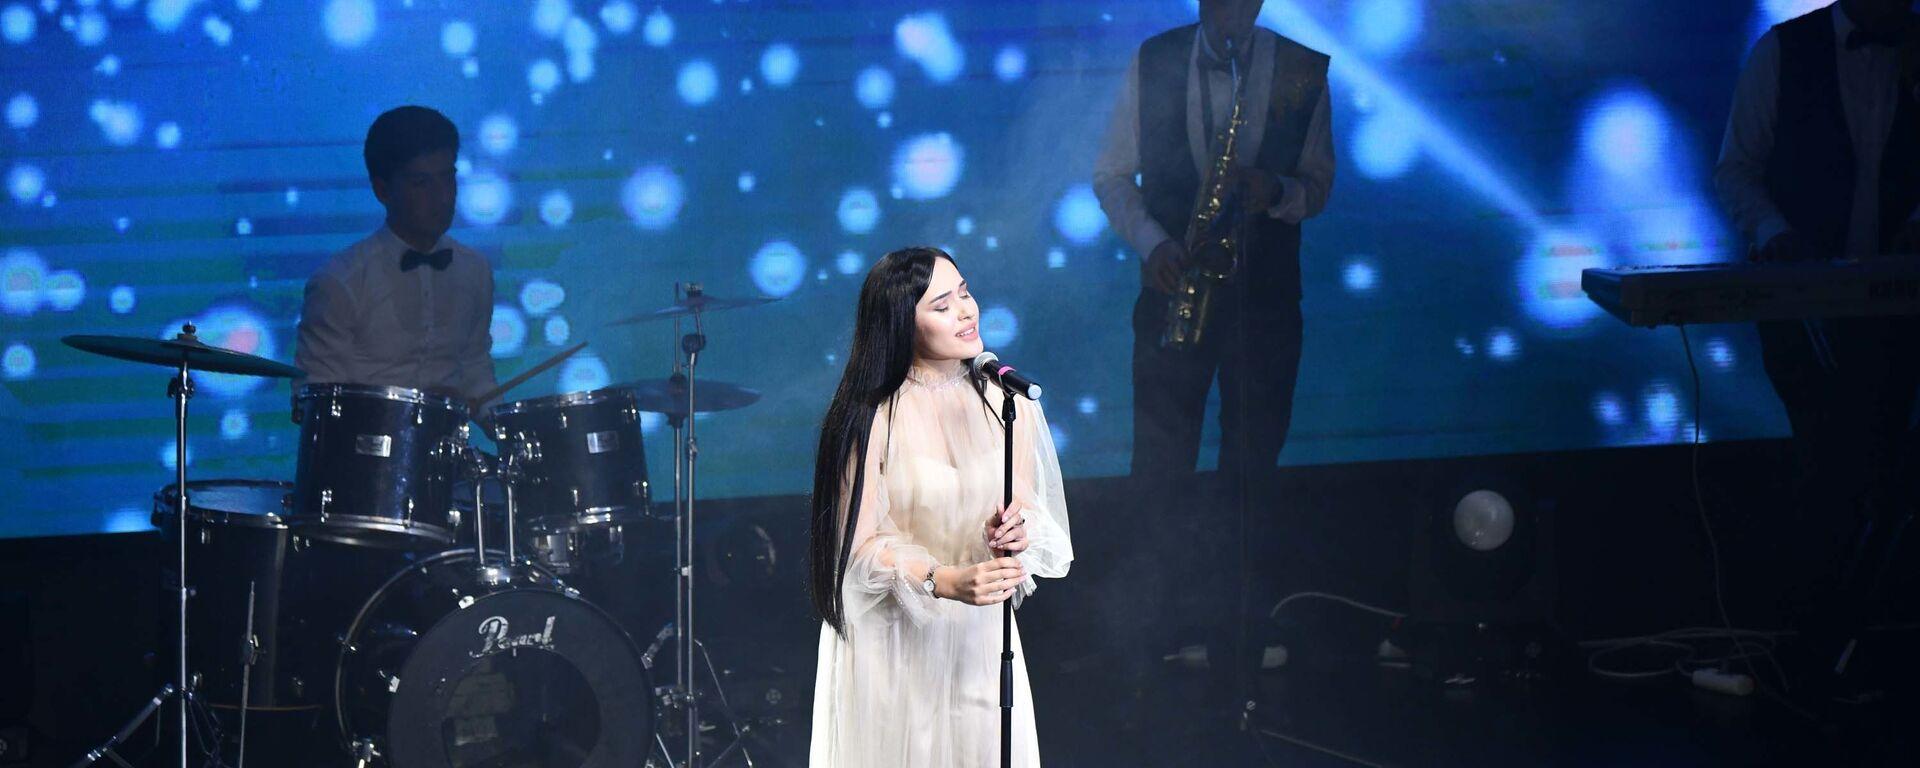 В Душанбе прошел концерт в честь Дня молодёжи - Sputnik Таджикистан, 1920, 11.09.2020